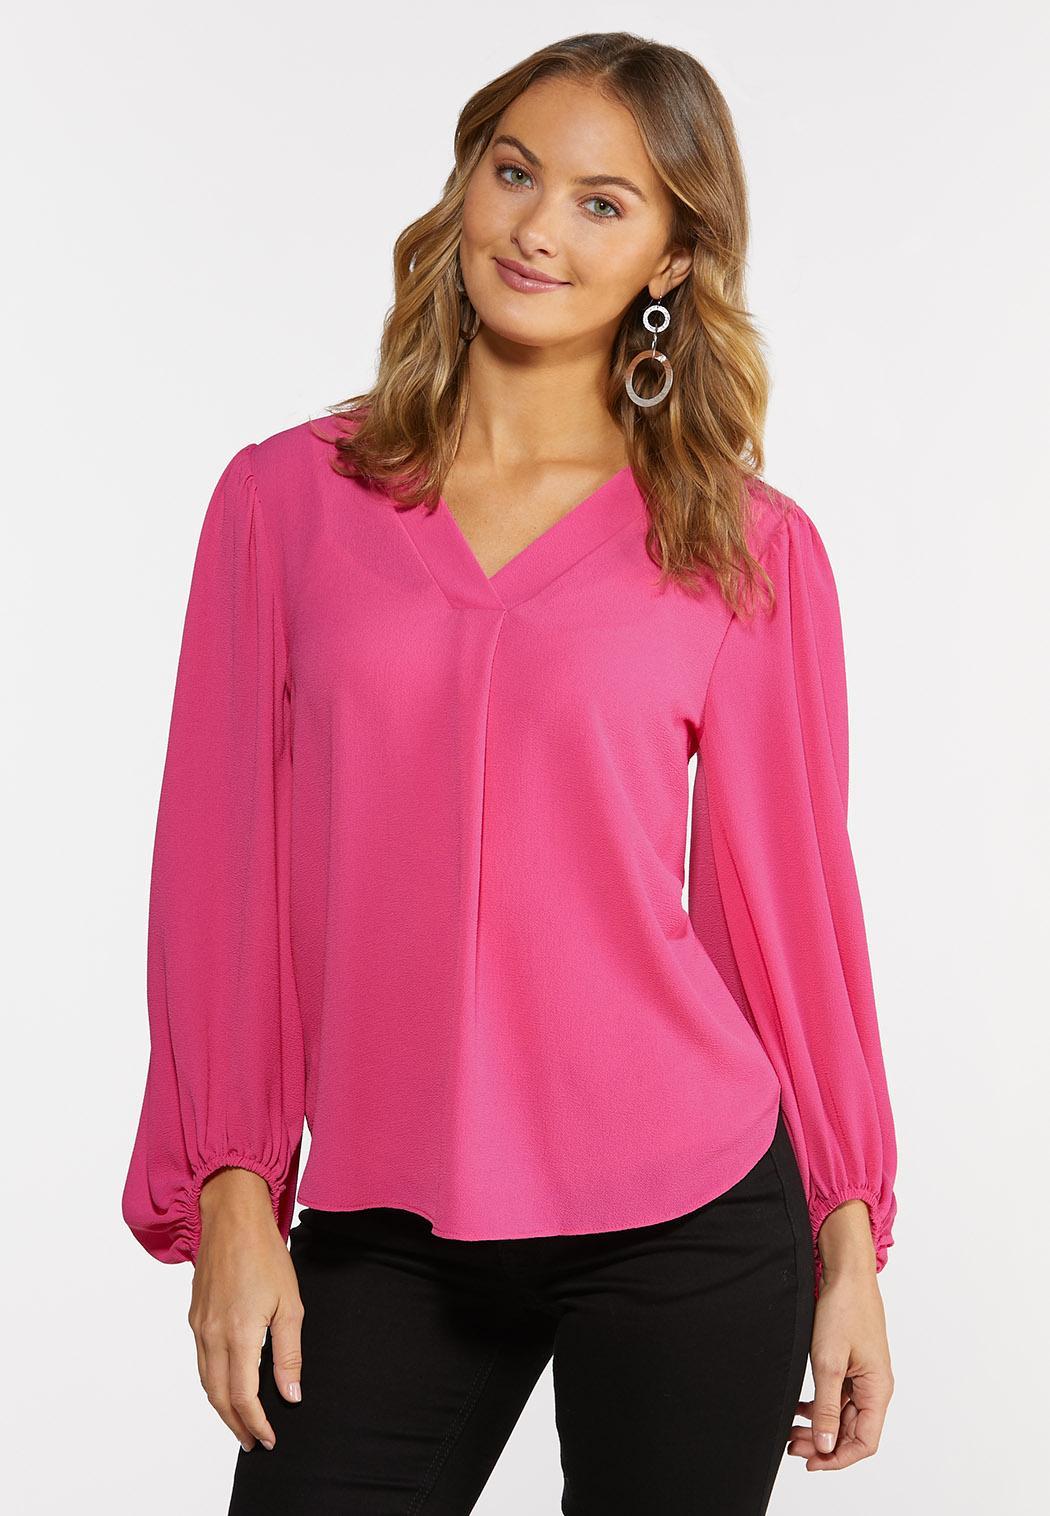 Plus Size Fuchsia Pullover Top